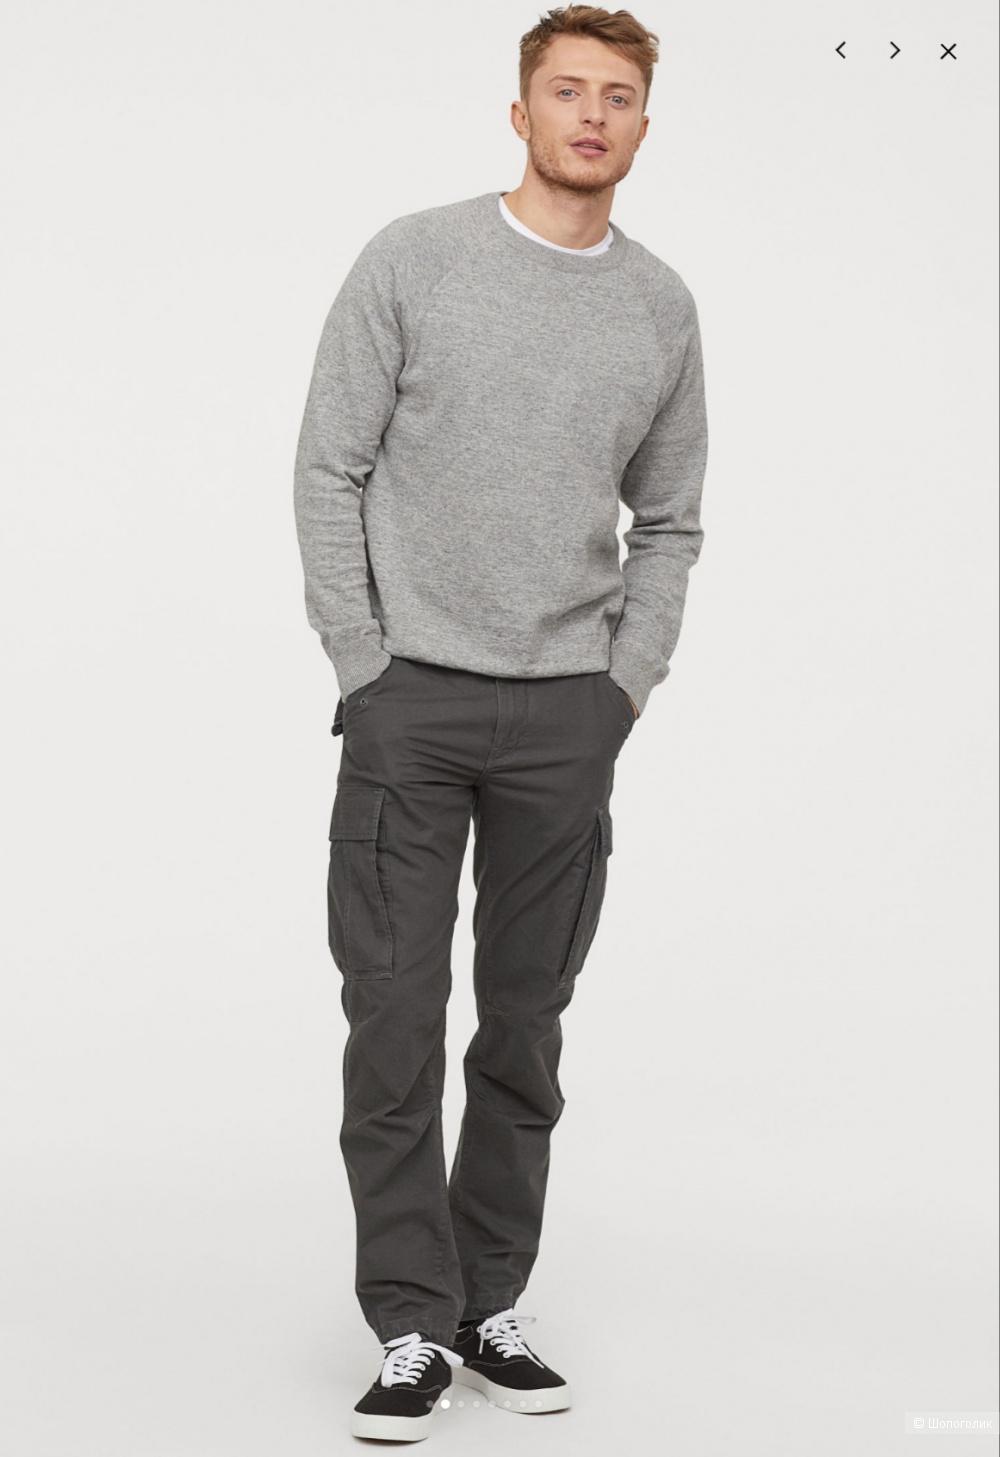 Брюки-карго H&M размер 36